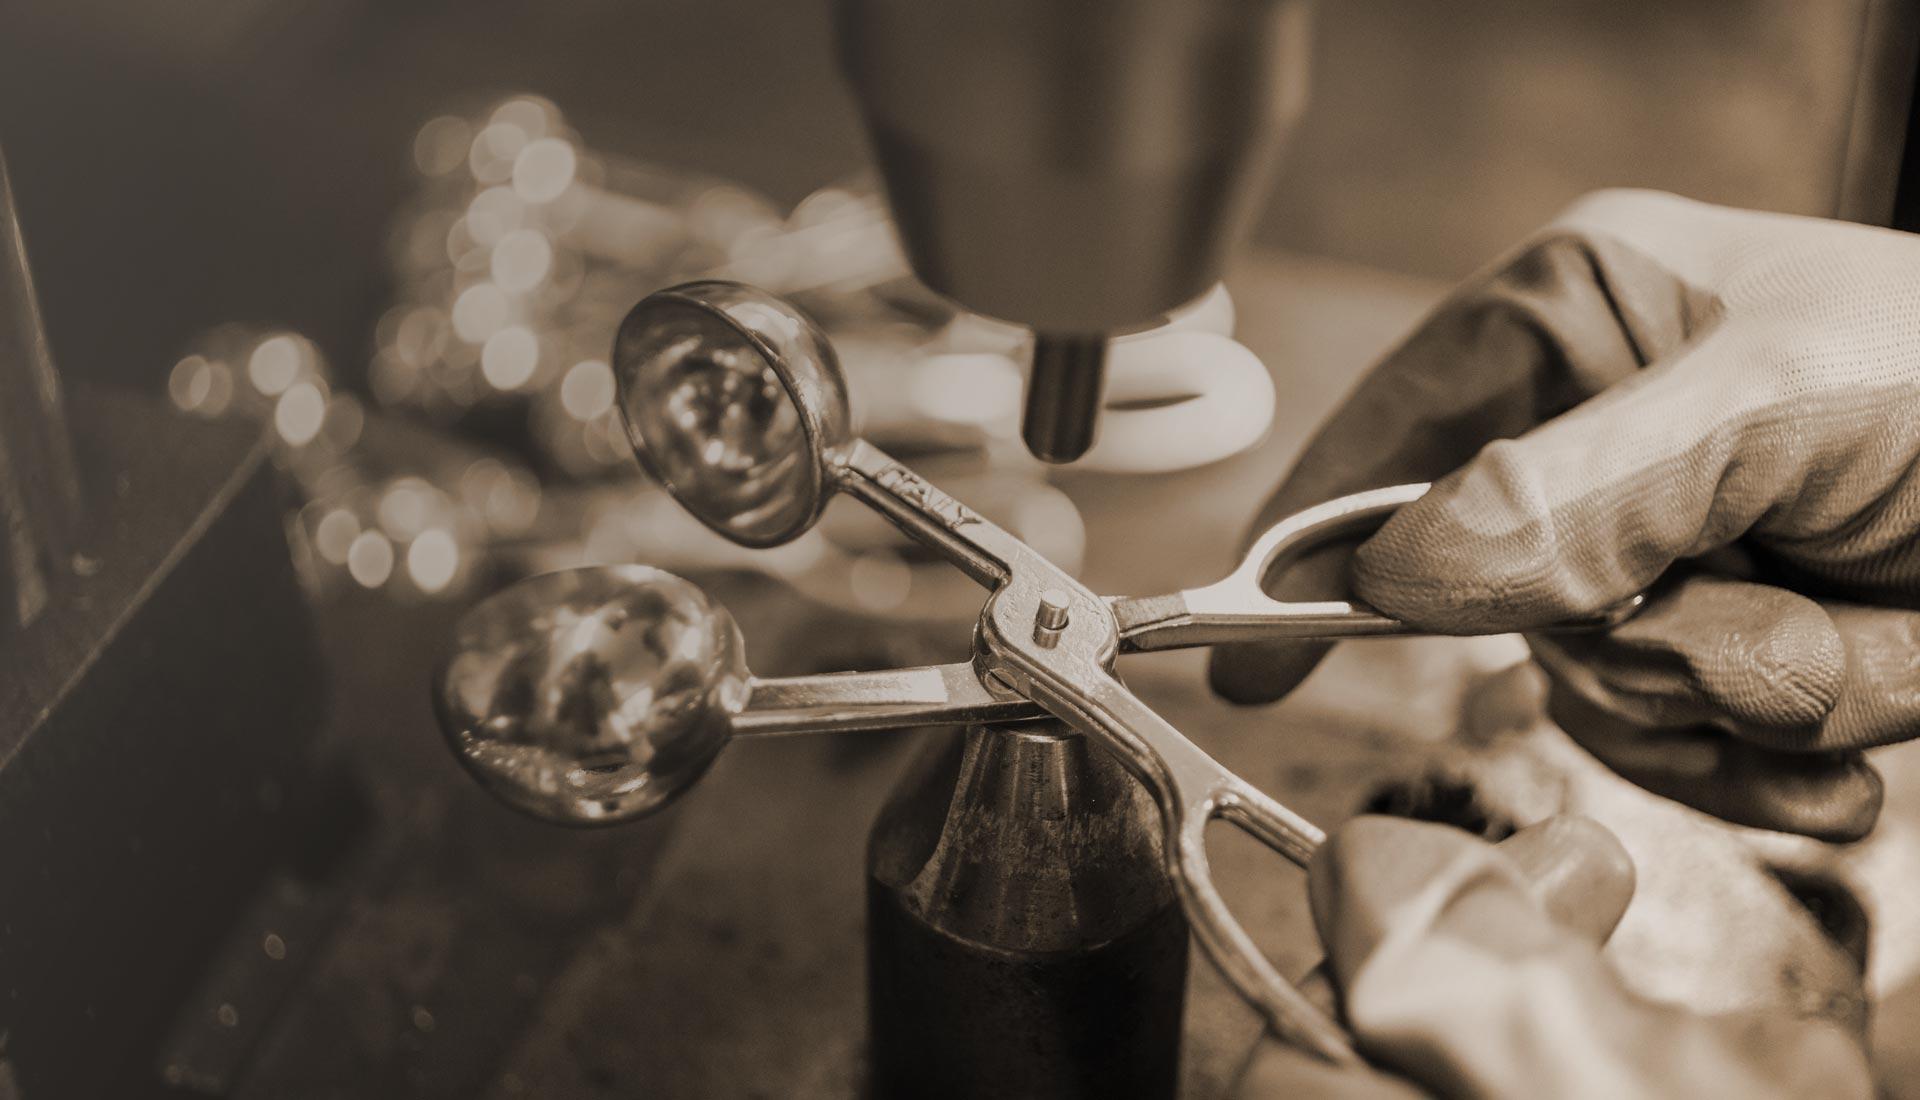 Valsesia Casalinghi lavorazione pinza per polpette